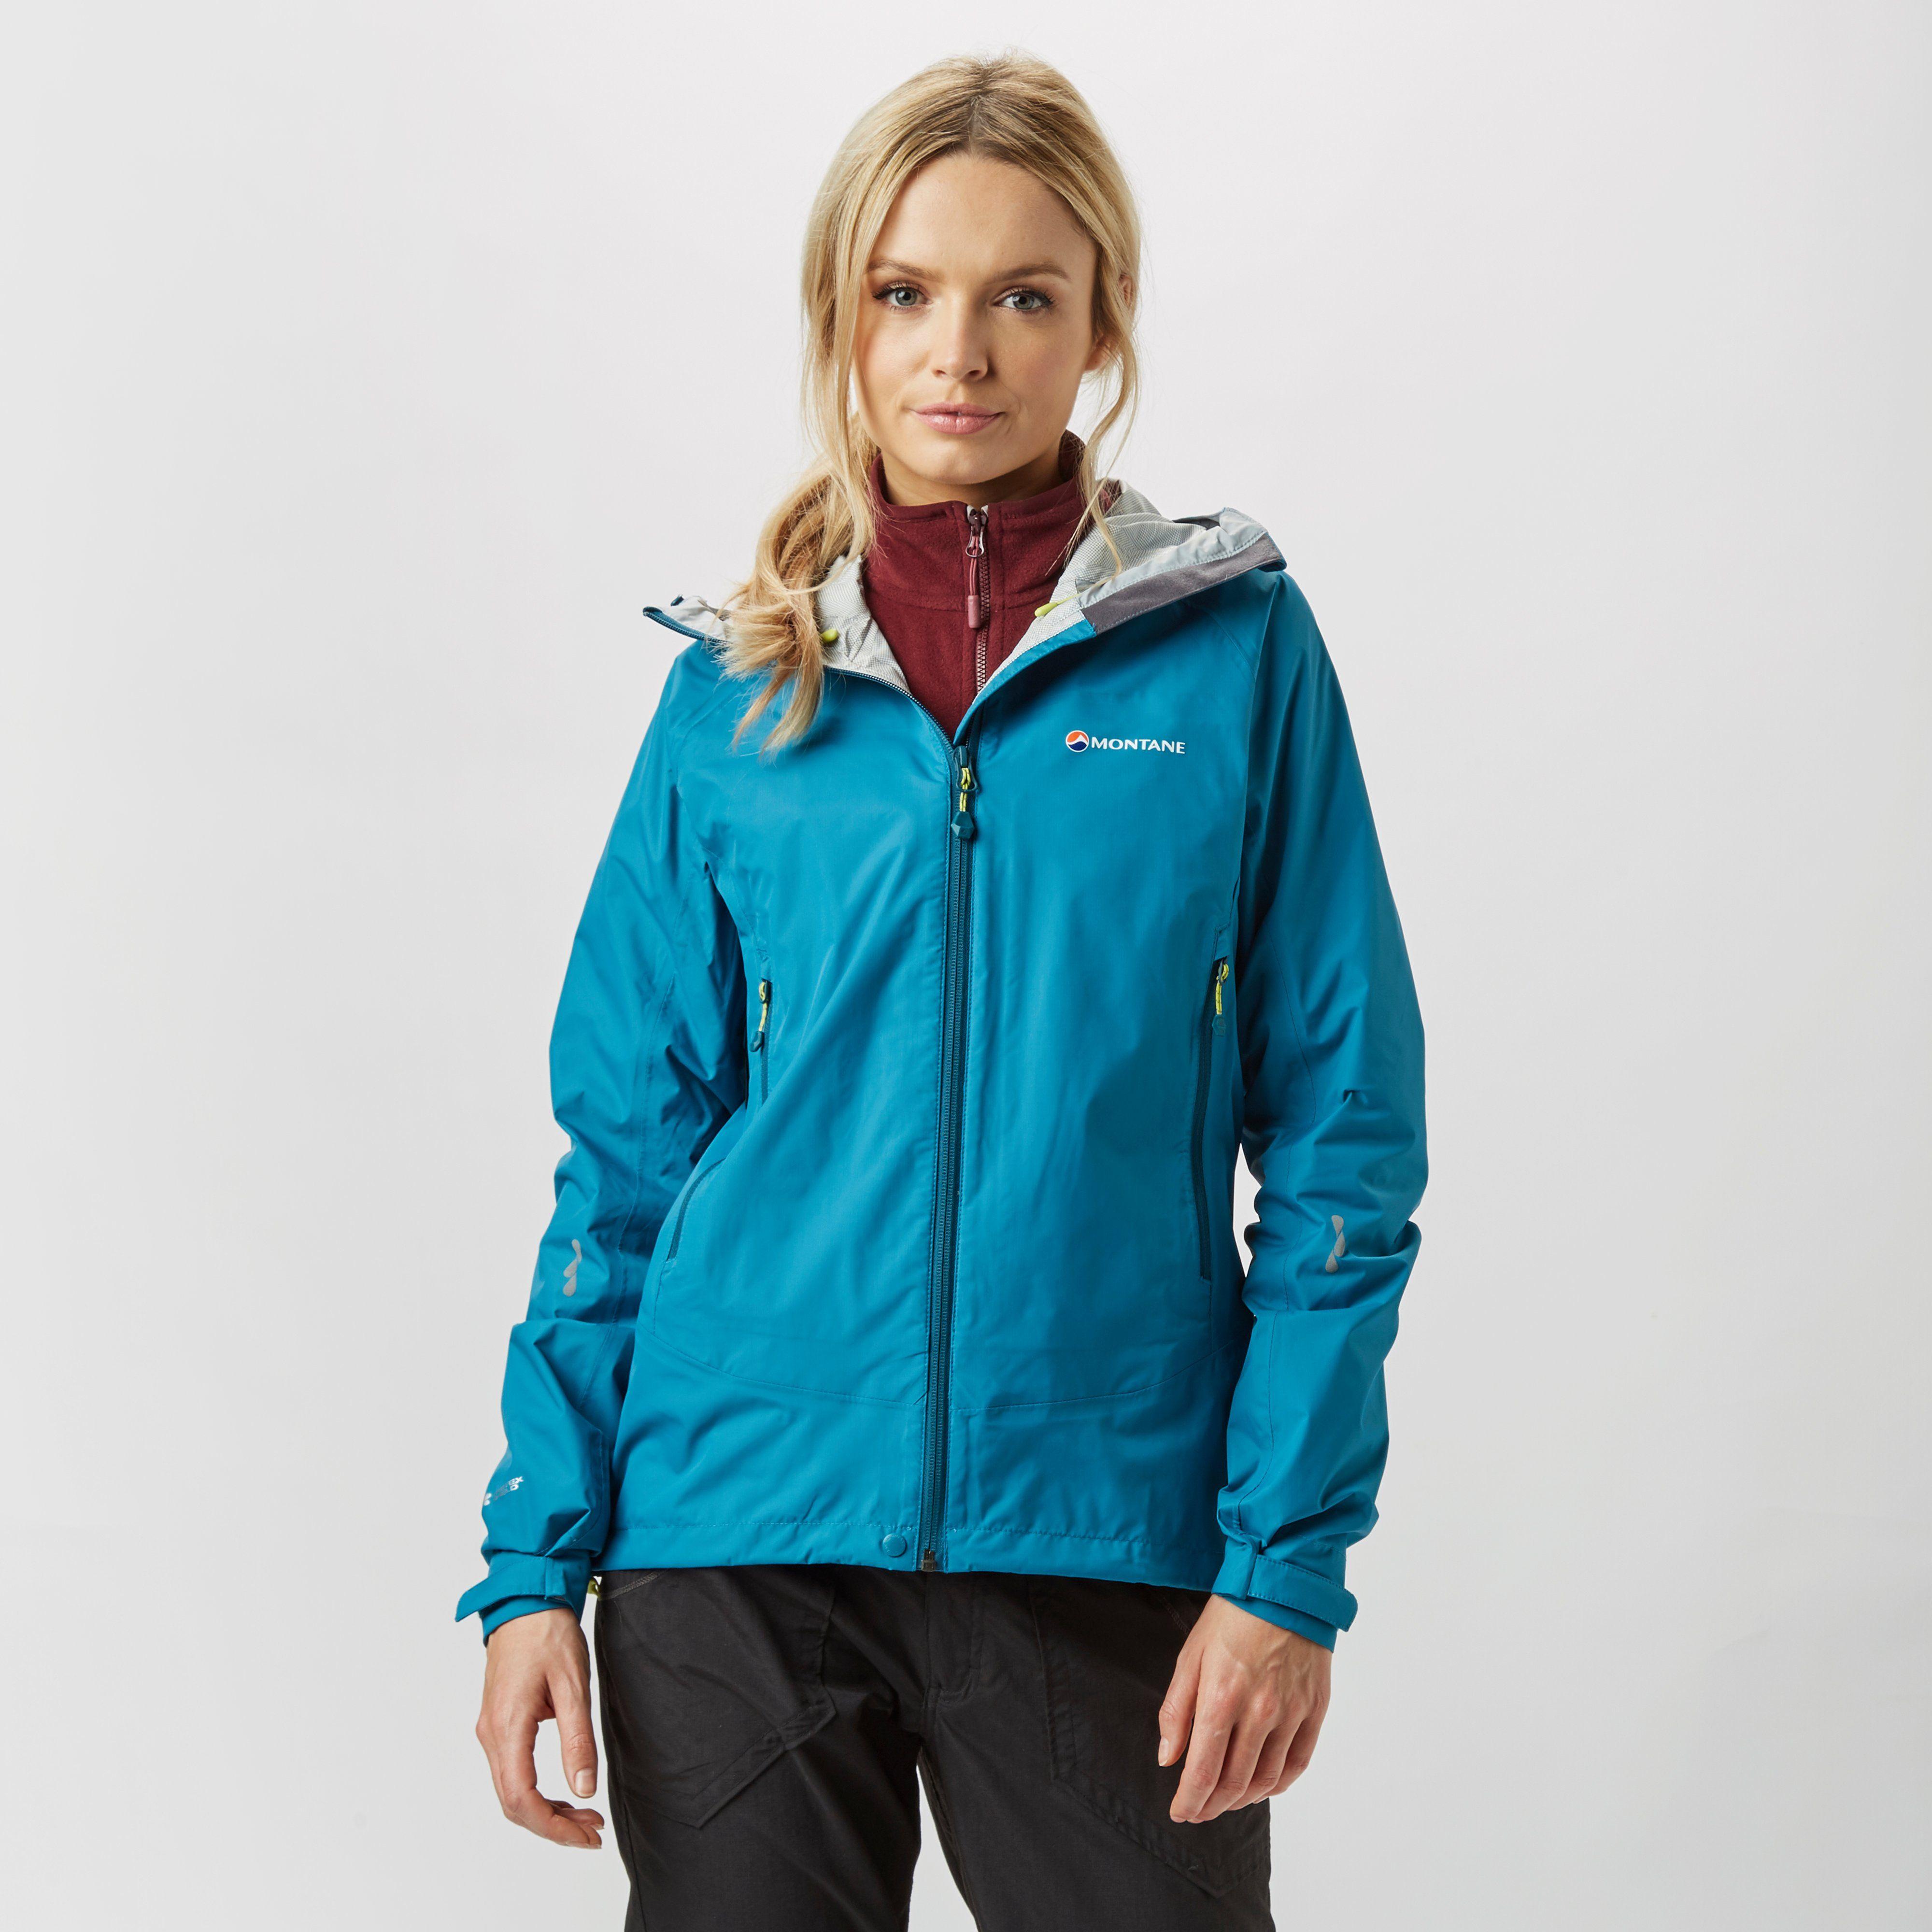 MONTANE Women's Atomic Waterproof Jacket